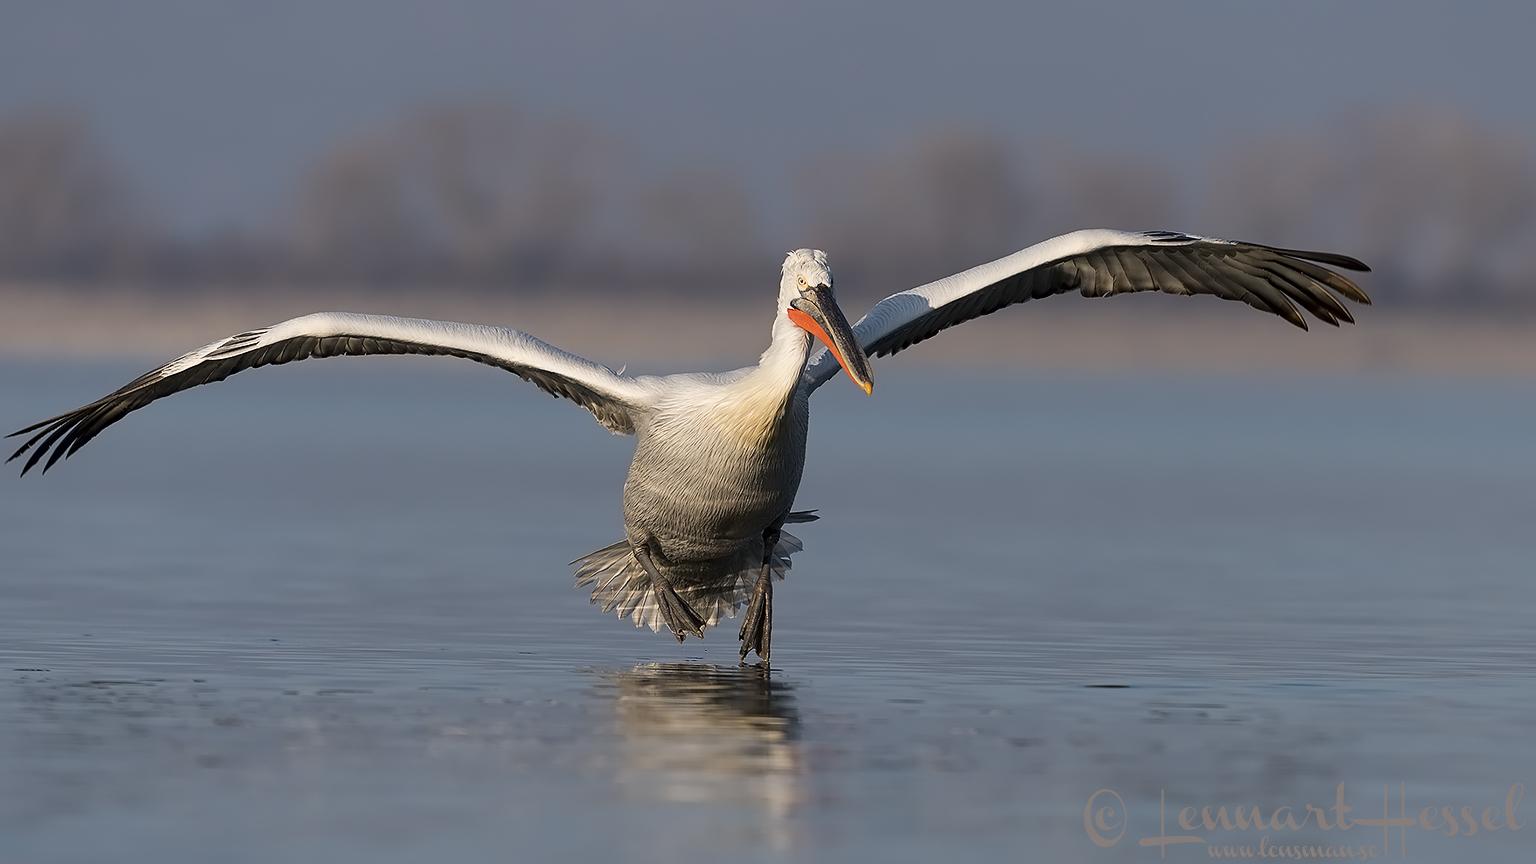 Landing Dalmatian Pelican Greece Lake Kerkini